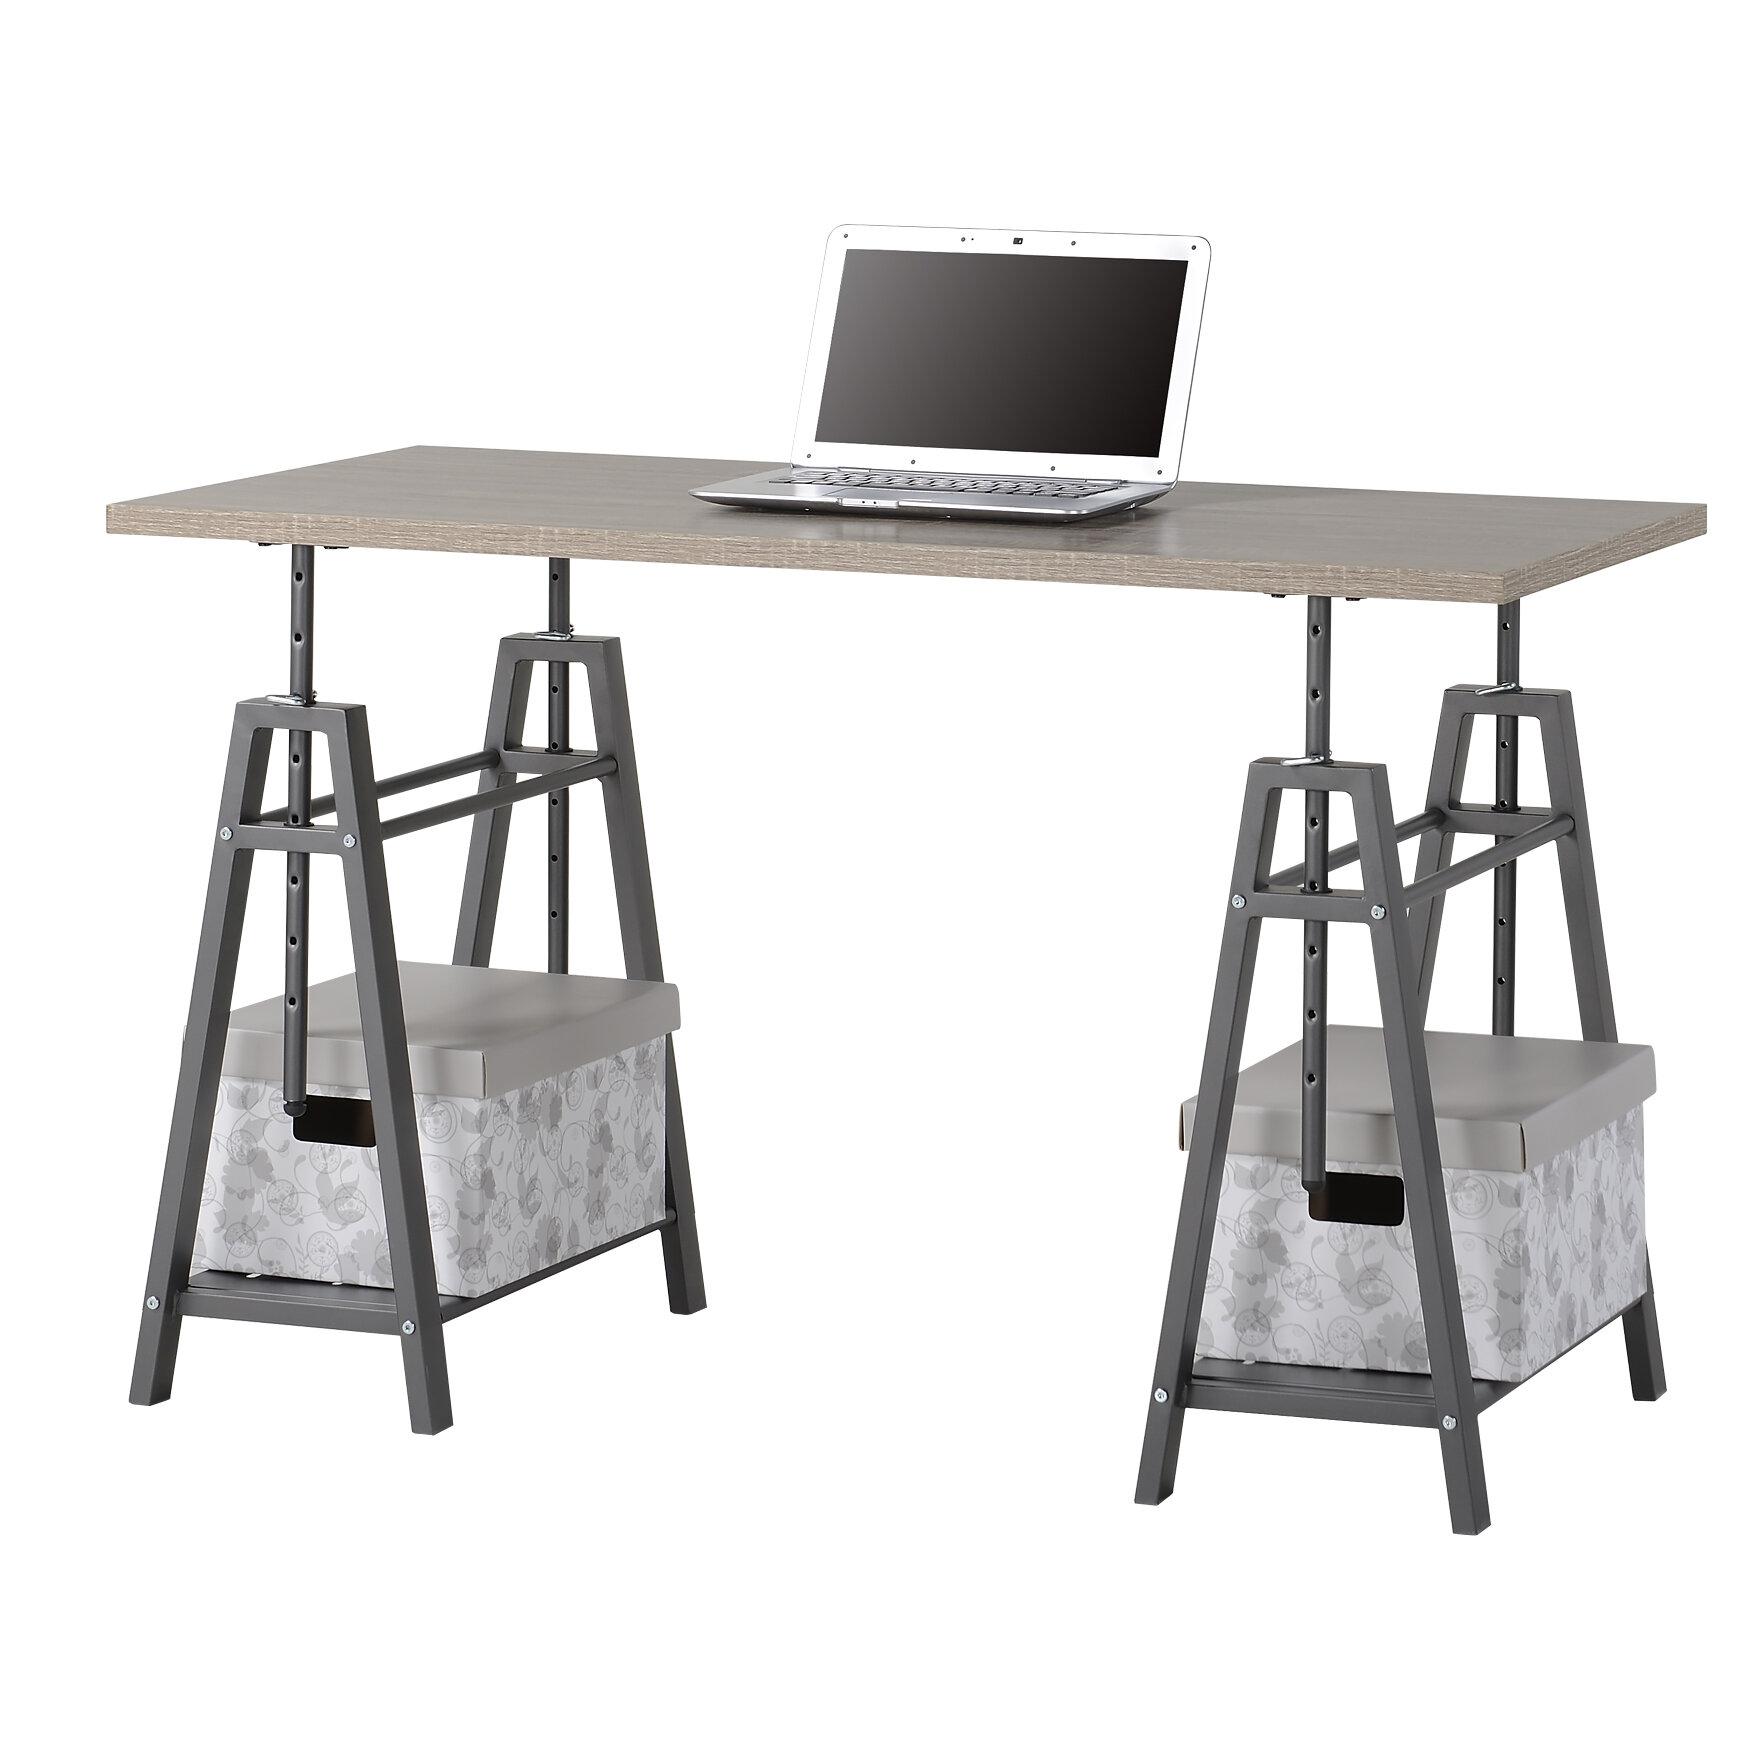 Woodley Height Adjustable Standing Desk Reviews Joss Main